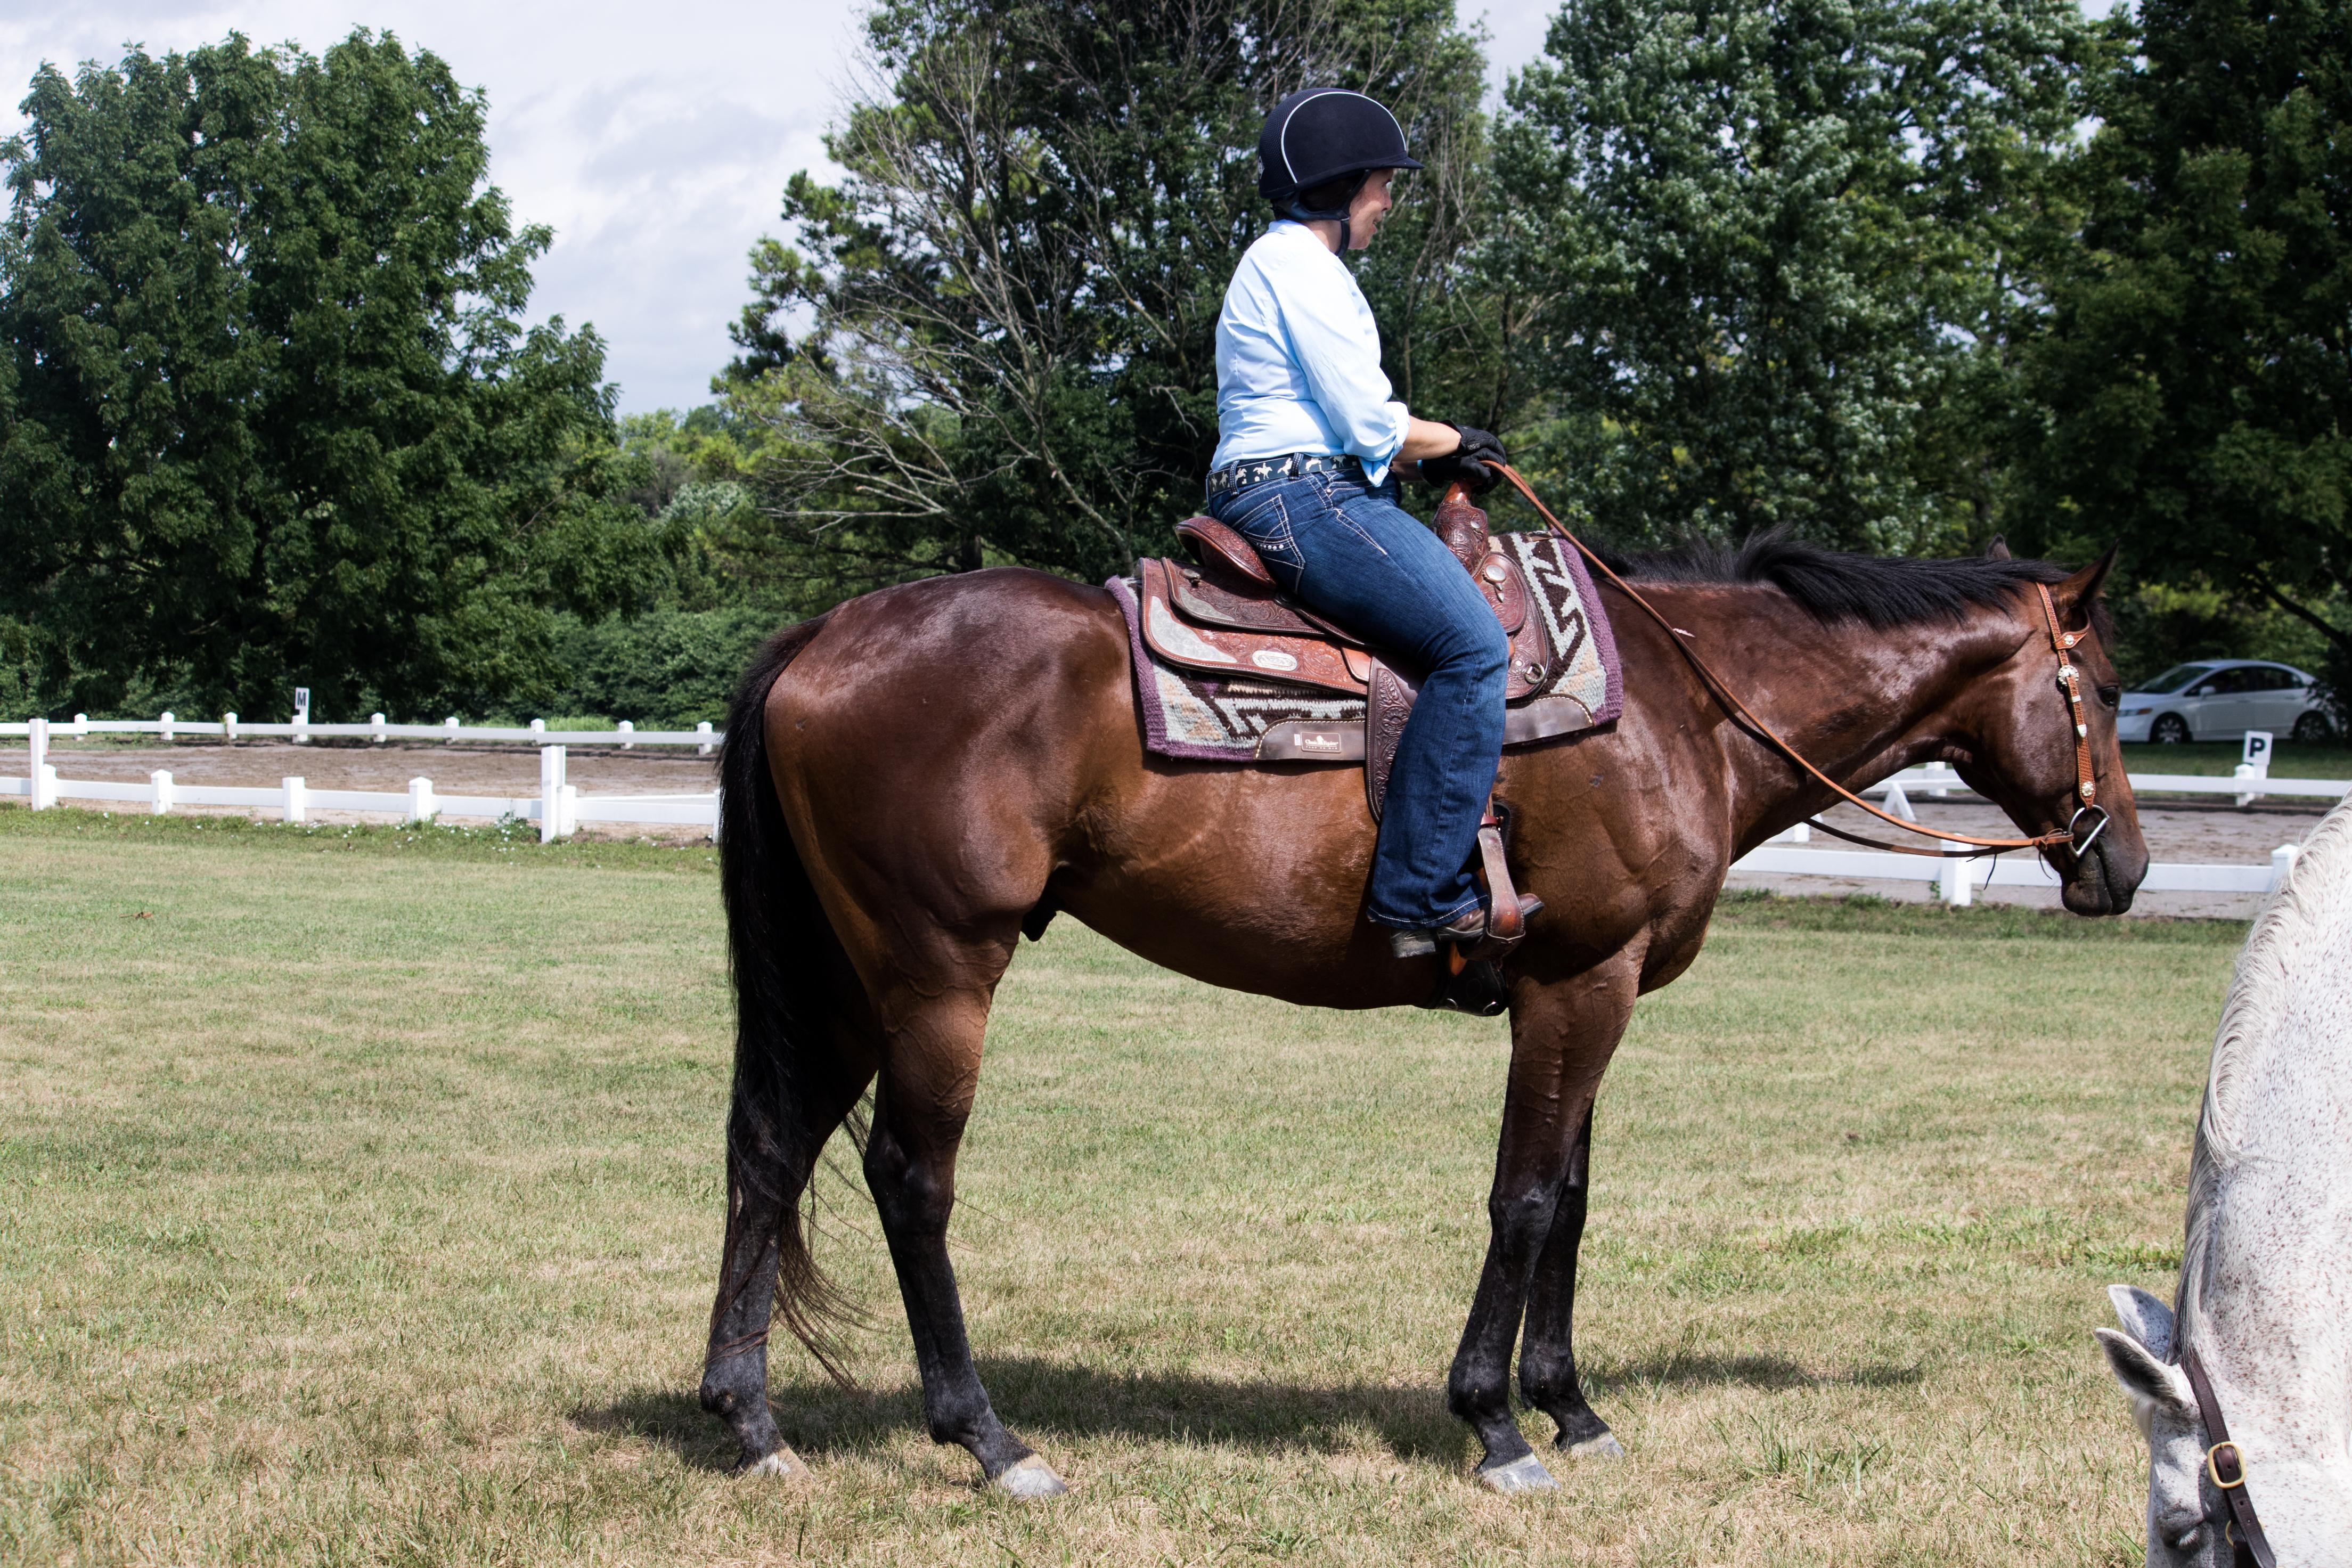 Adestramento ocidental: por que tentei (e adorei!) 3